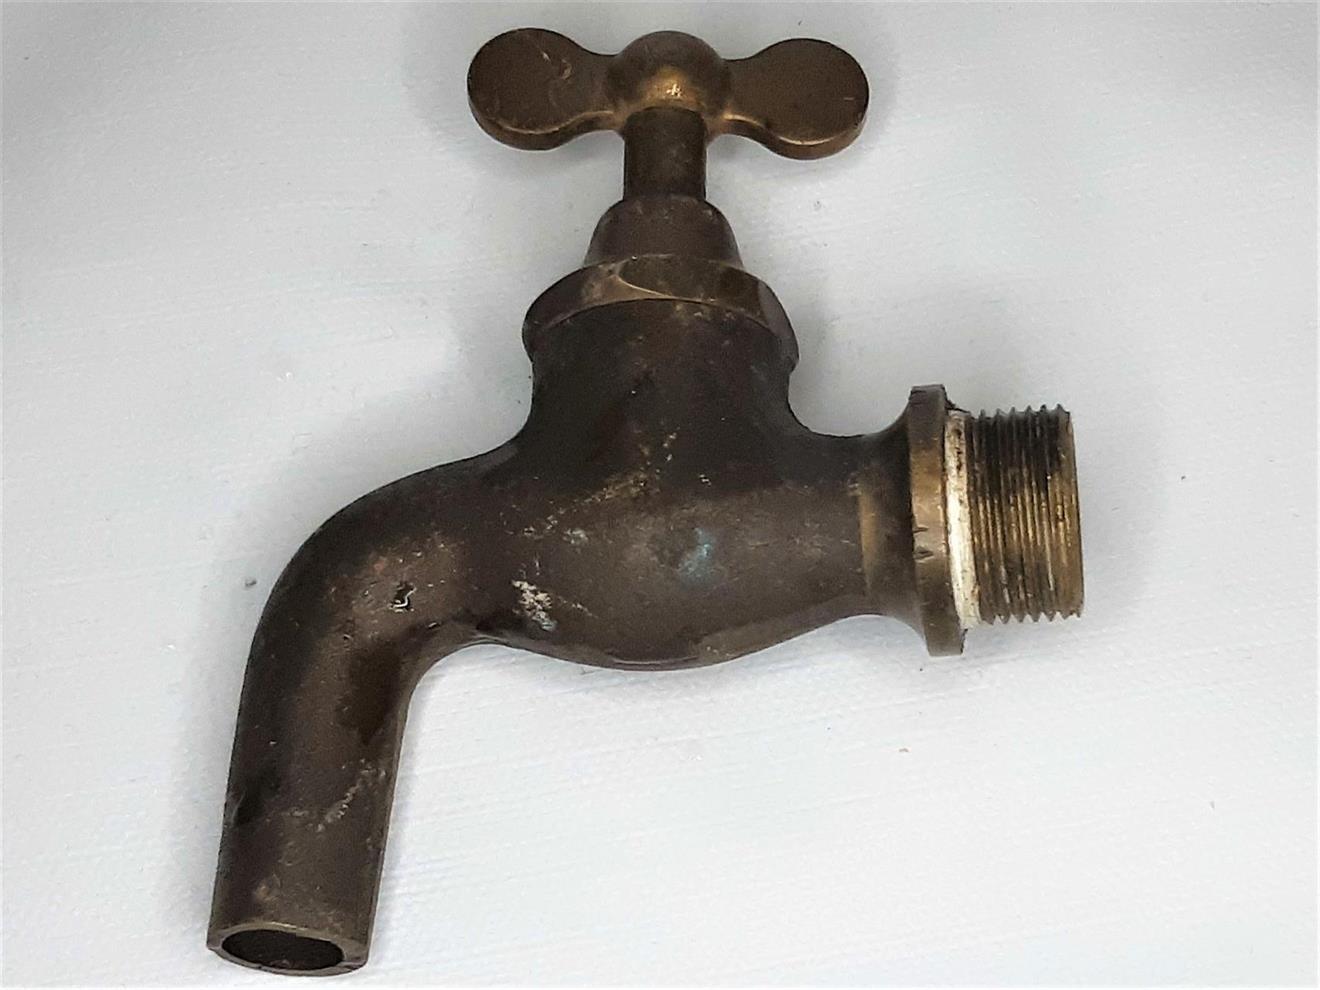 Vintage Mässingskran för regnvattenstunna/vintunna